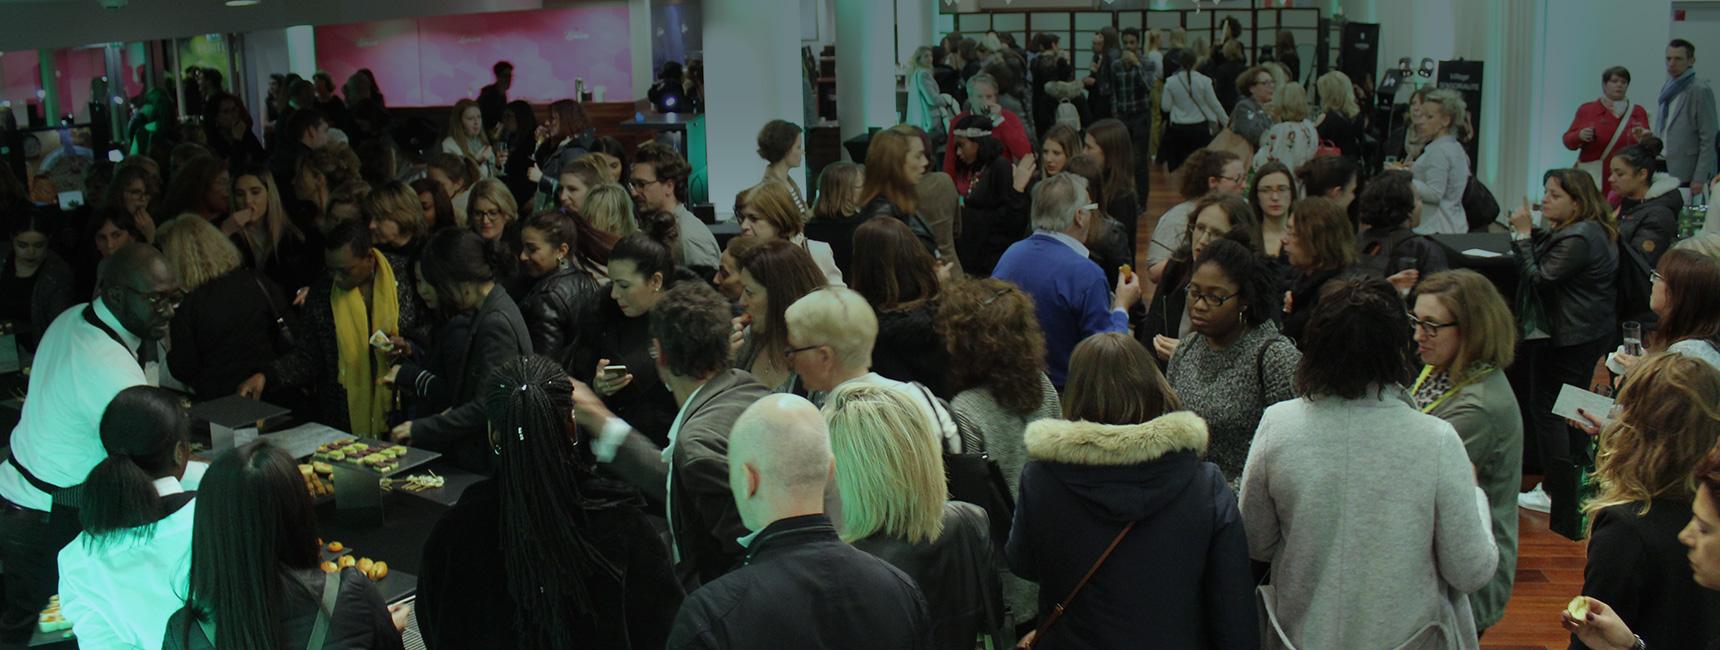 Soirée formation et événement René Furterer - Keemia Event et Expérience Agence événementielle et roadshow